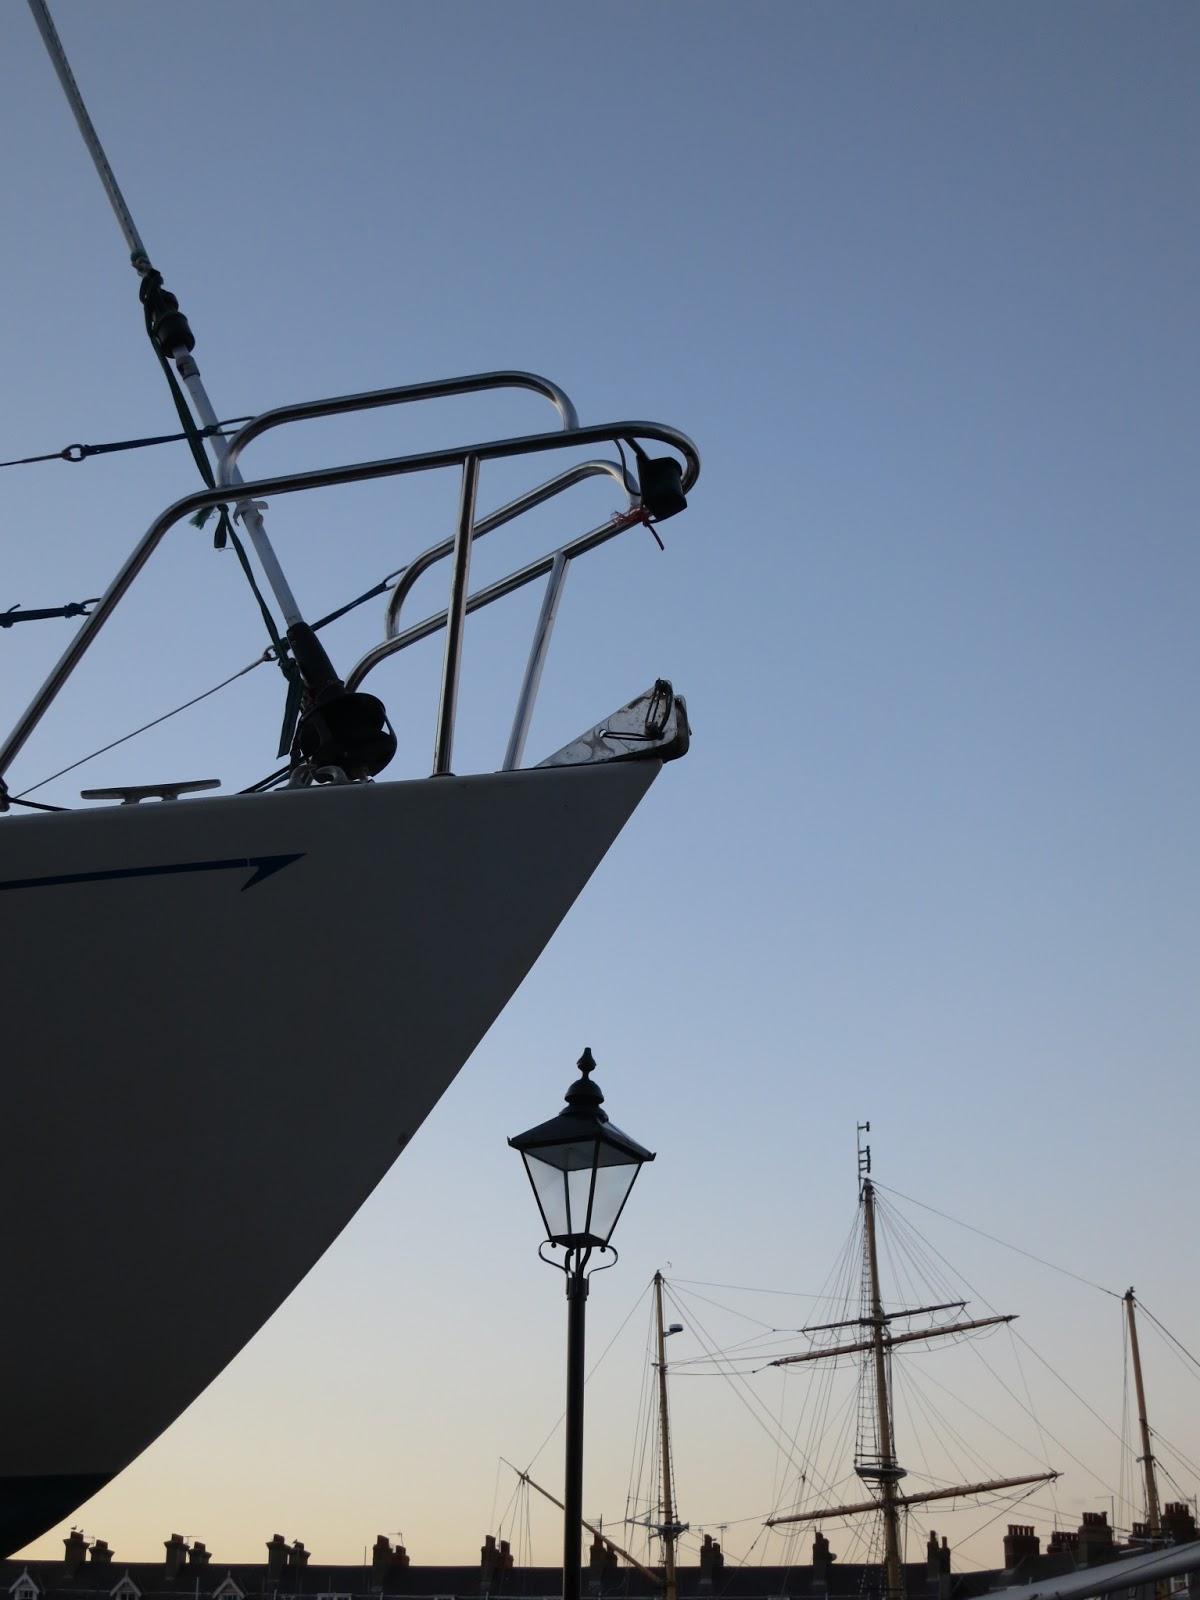 Boat, lampost, chimneys and tall ship masts.